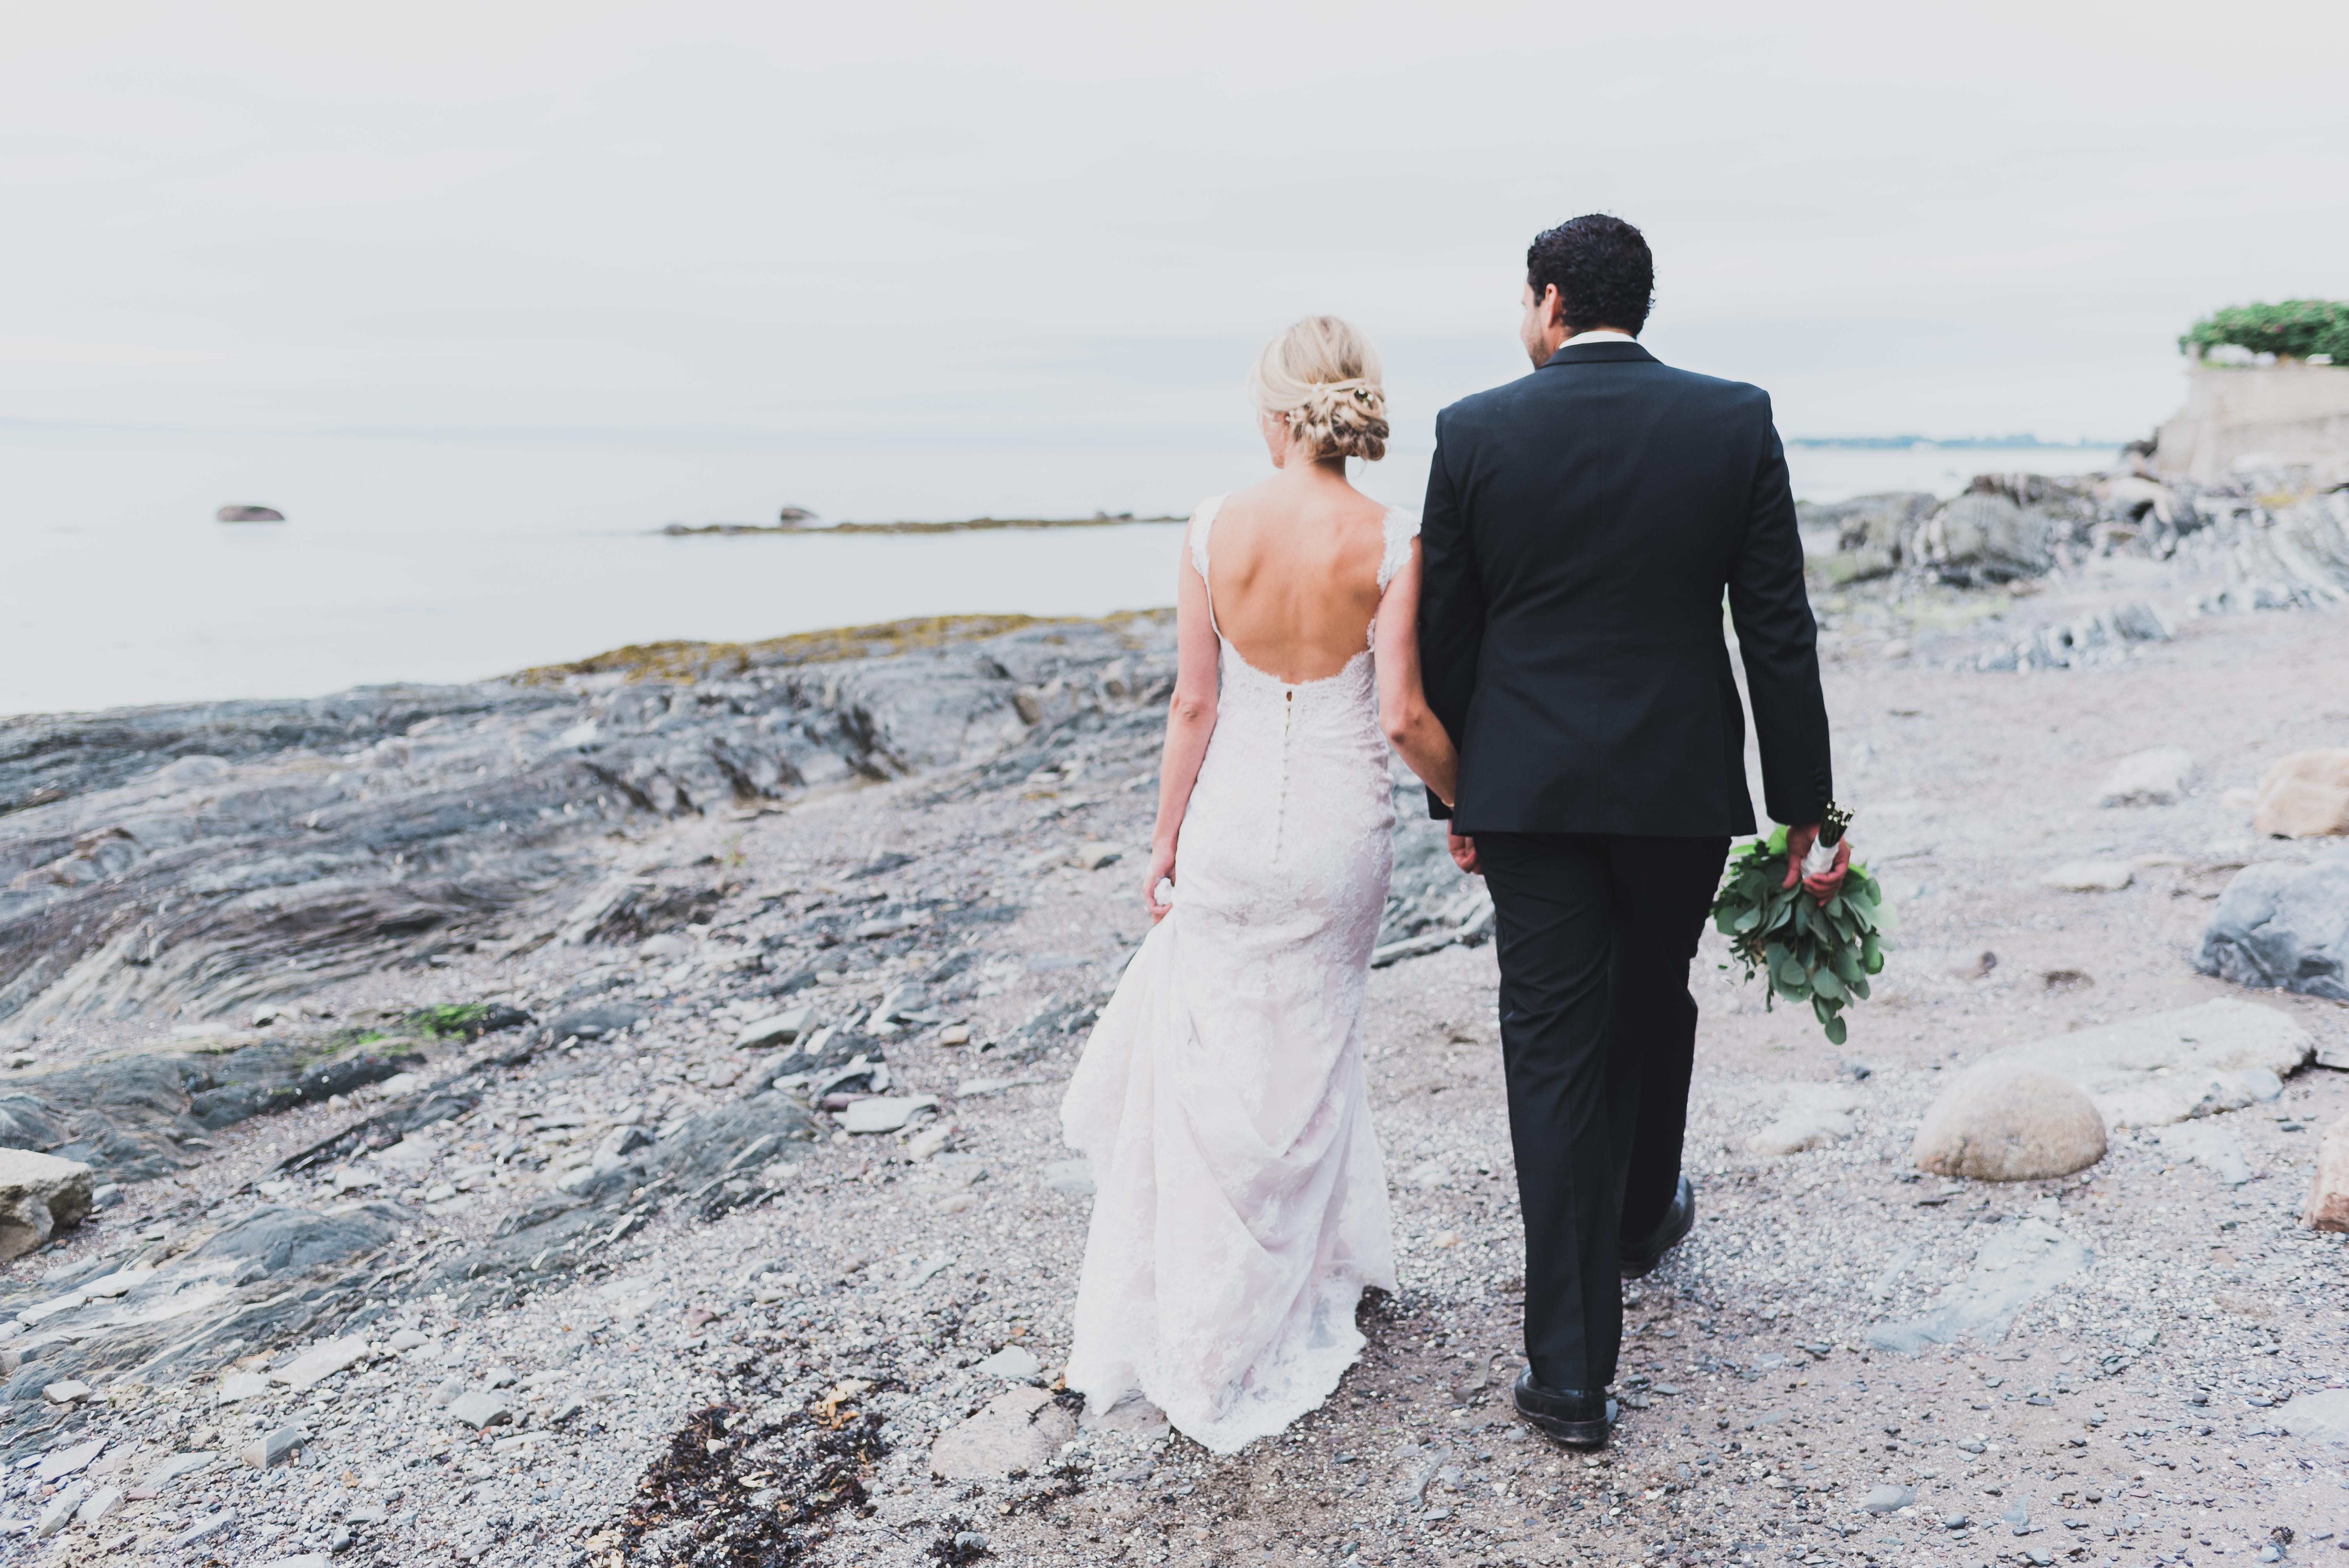 12 endroits les plus romantiques pour votre mariage à destination etats-unis plage beach usa east coast photo